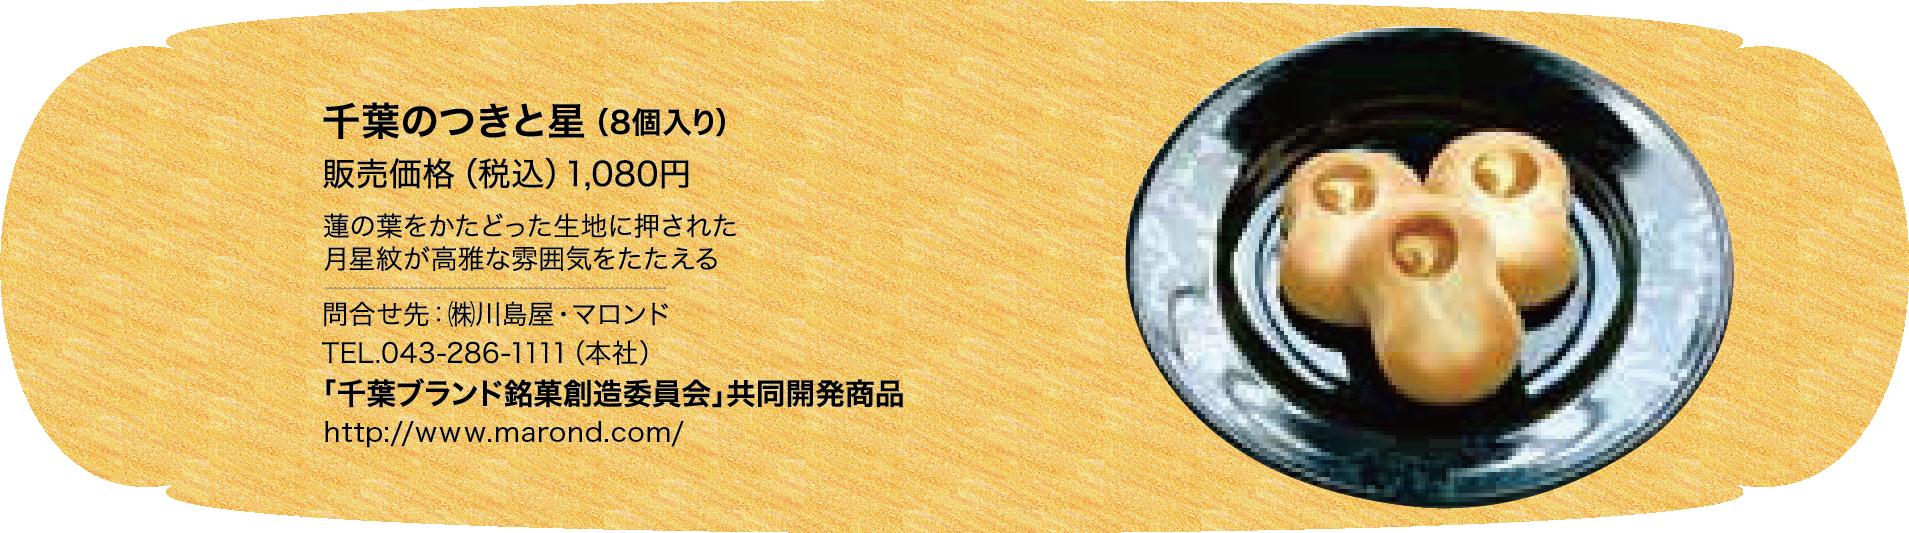 お土産情報03